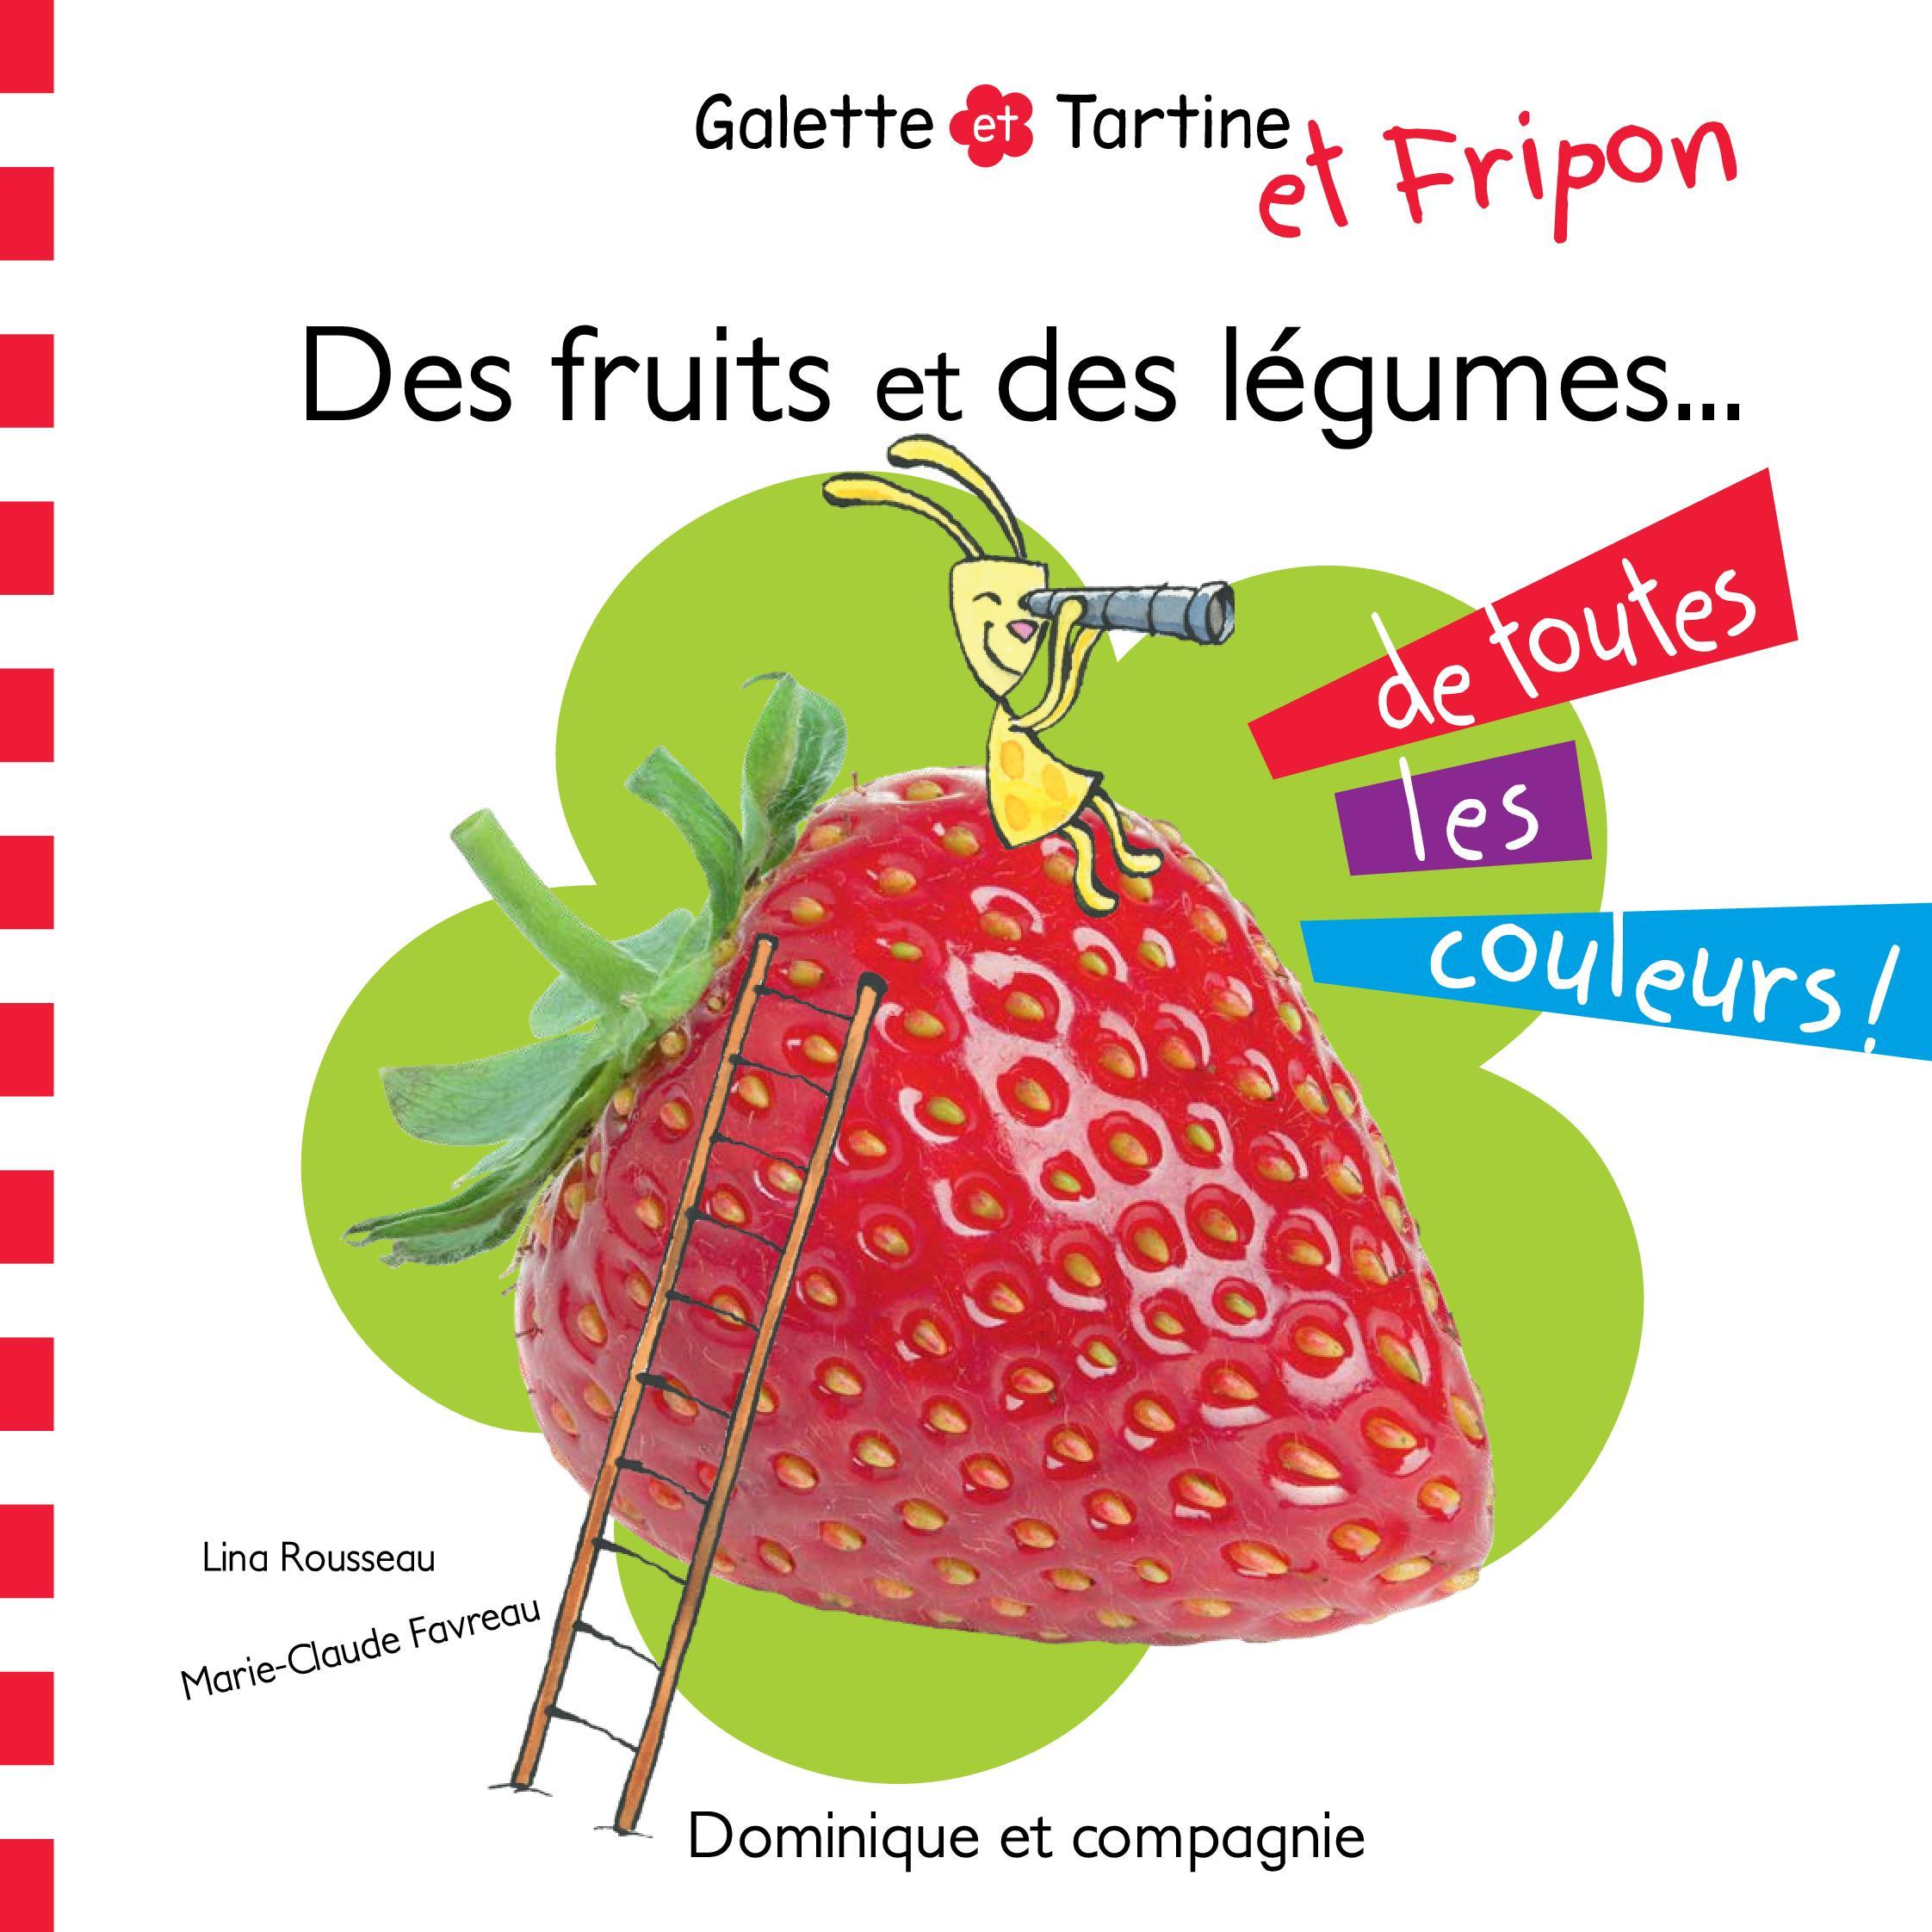 Des fruits et des légumes de toutes les couleurs !